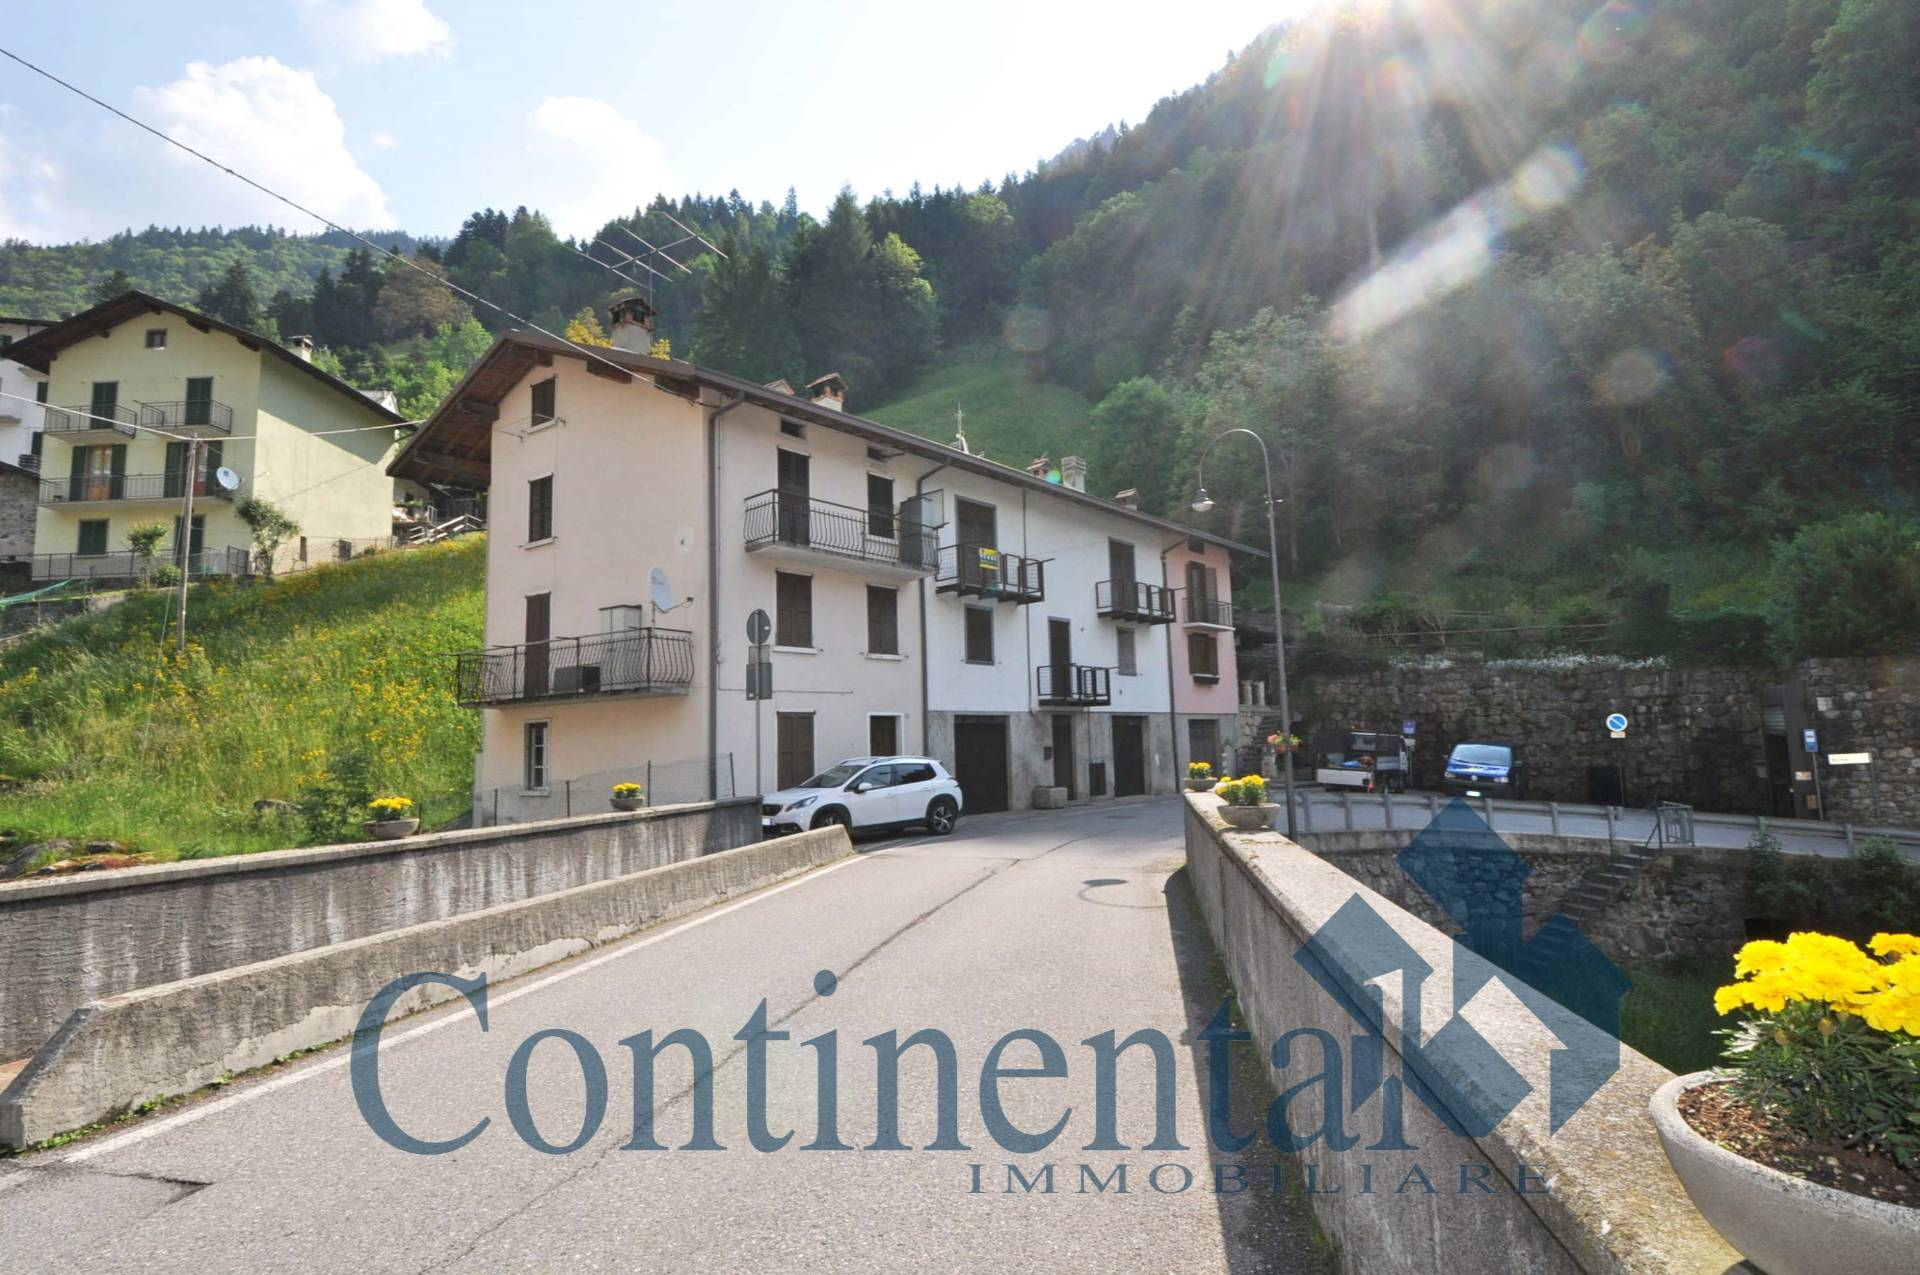 Appartamento in vendita a Ornica, 2 locali, prezzo € 33.000 | PortaleAgenzieImmobiliari.it